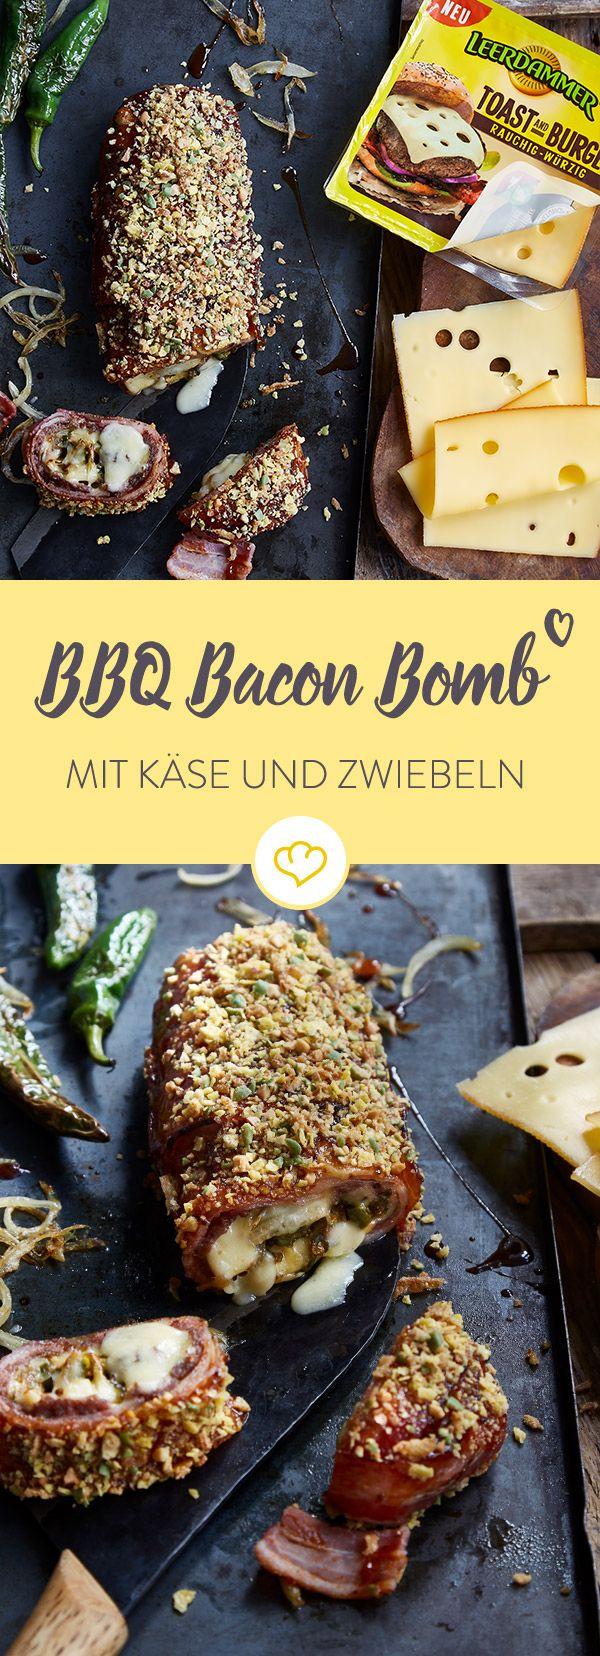 Eine perfekte Bacon Bomb sorgt auf jeder Grillparty für eine bombastische Stimmung. Diese kommt mit Leerdammer Käse, Pimentos und gerösteten Zwiebeln.